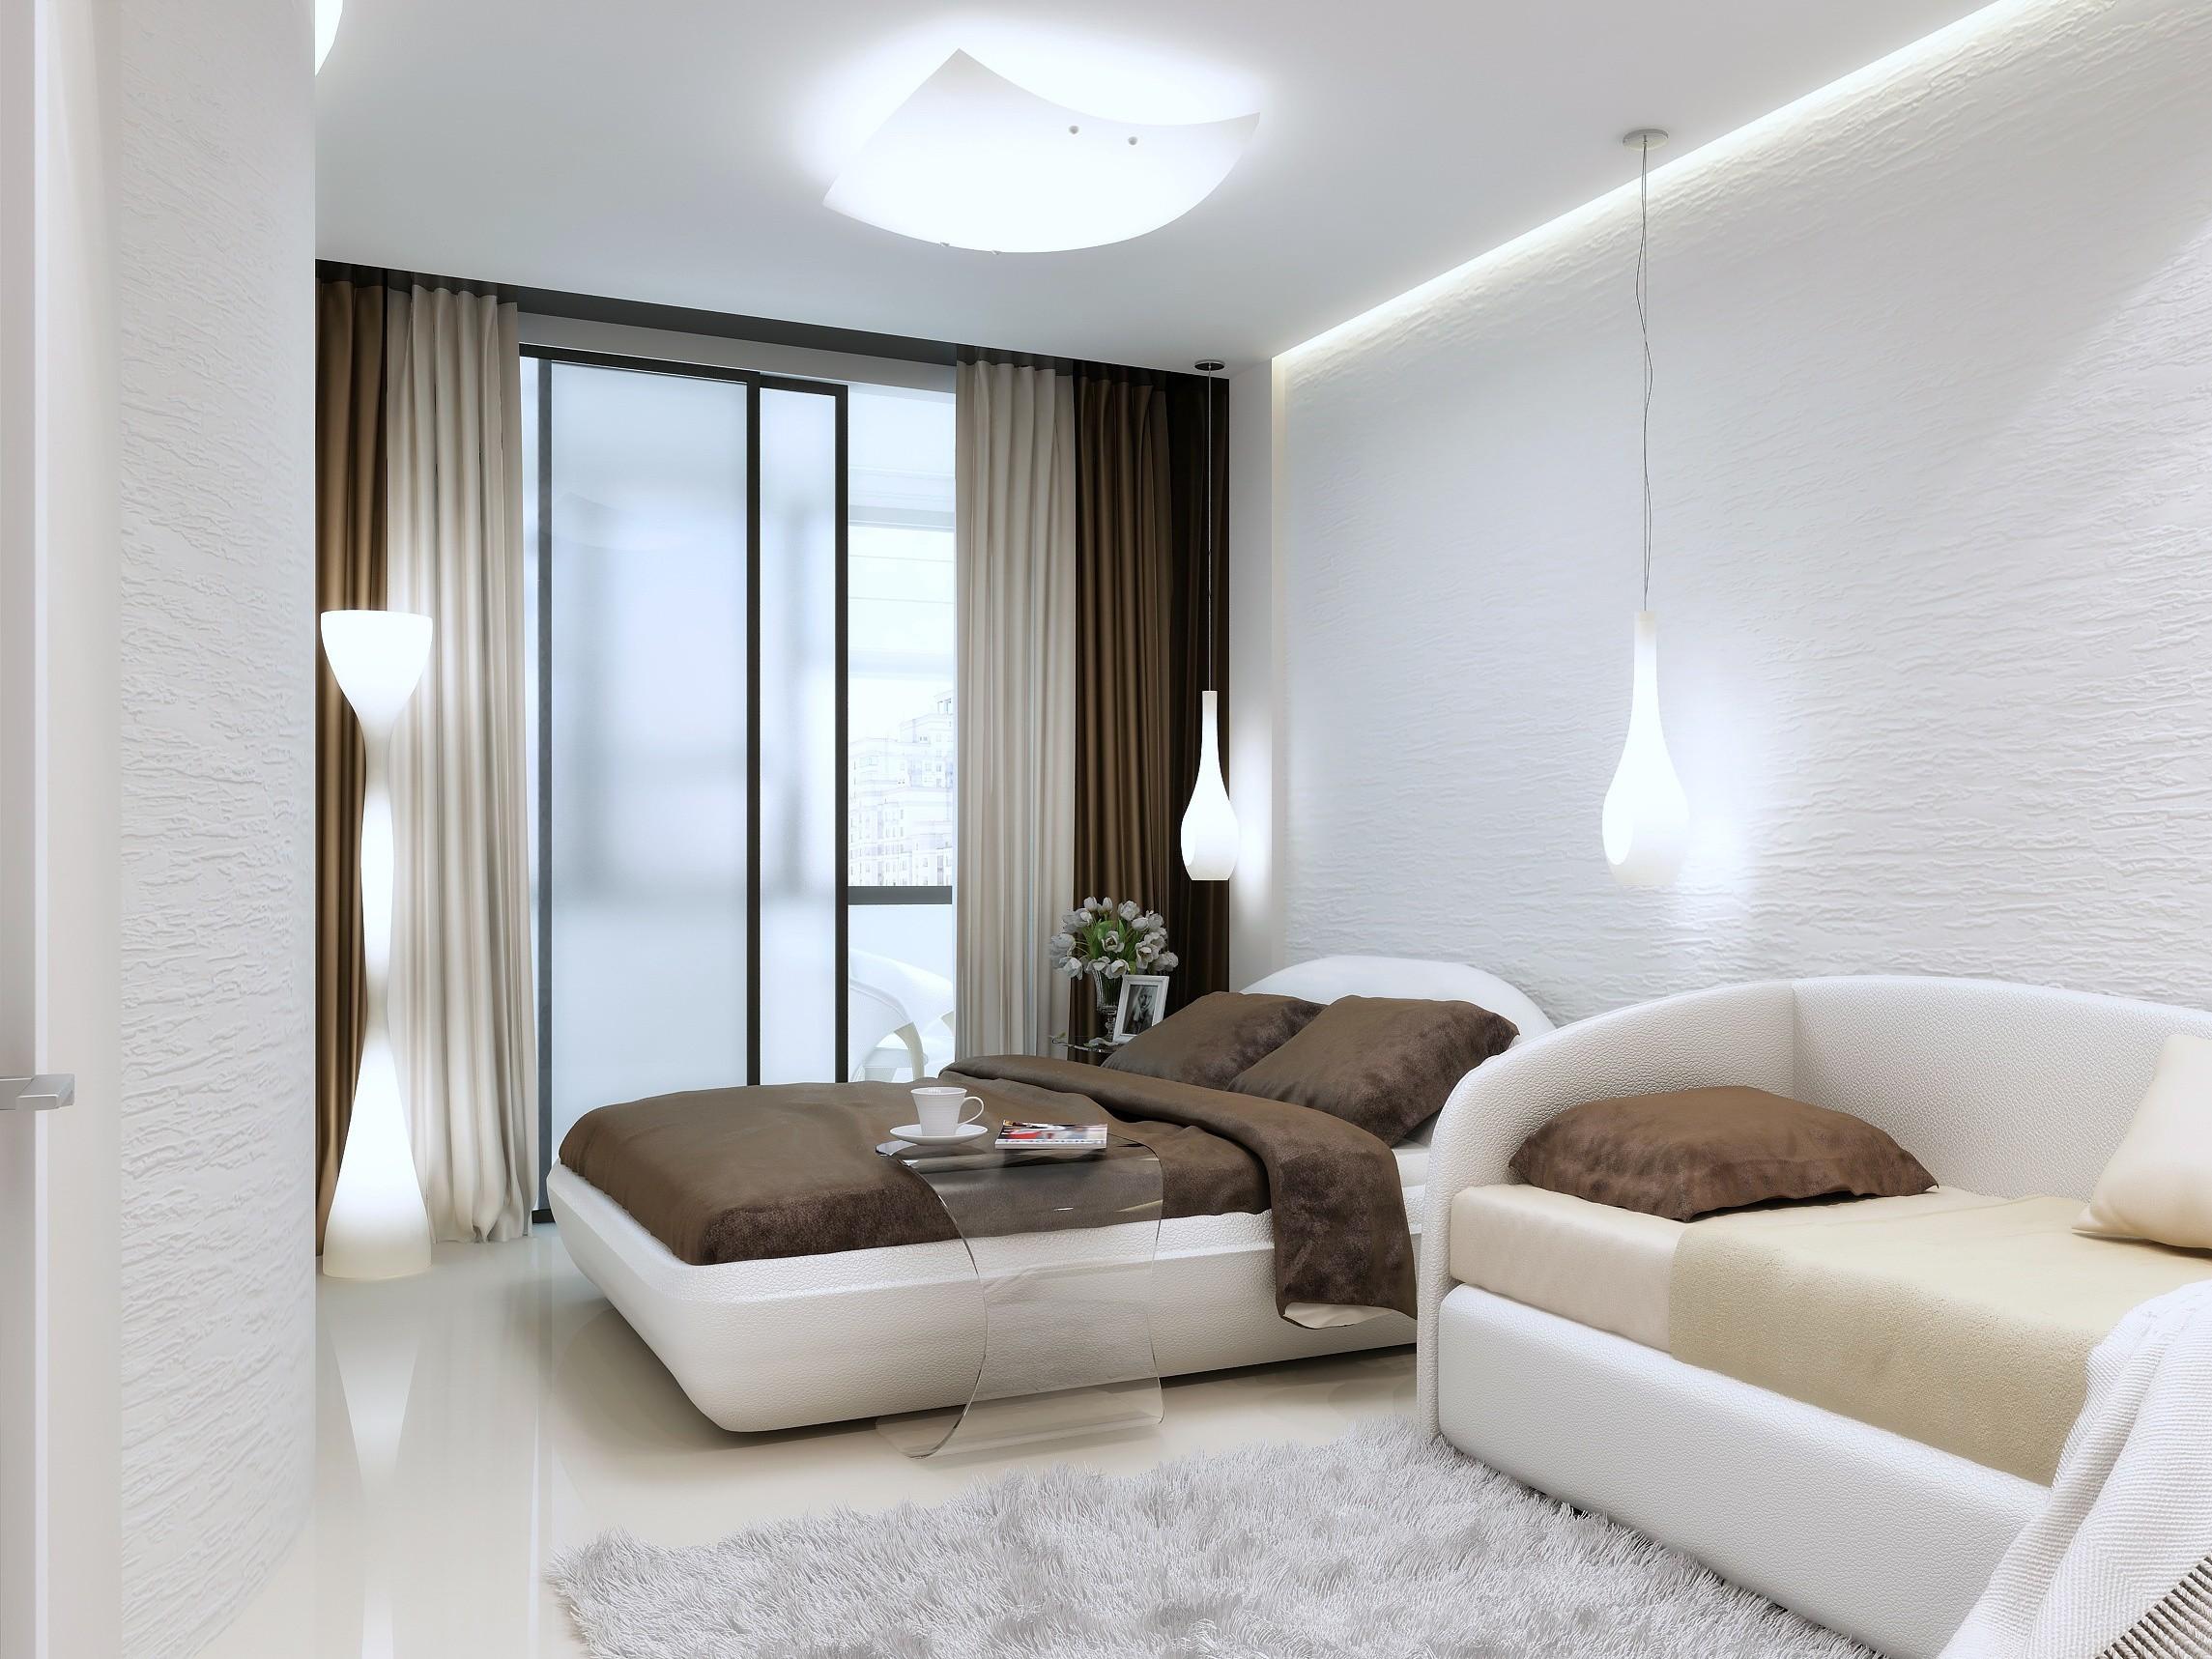 бра в спальне над кроватью дизайн фото